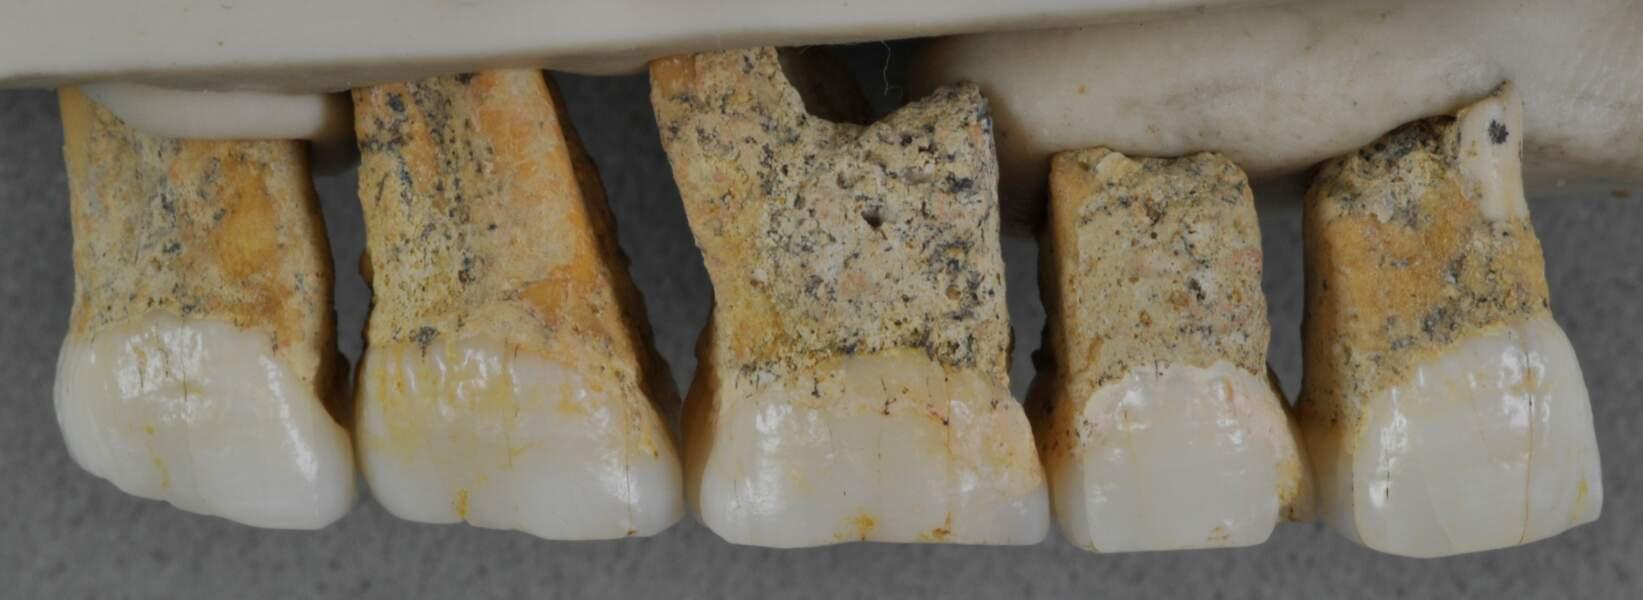 Treize fossiles révélés à près de trois mètres de profondeur